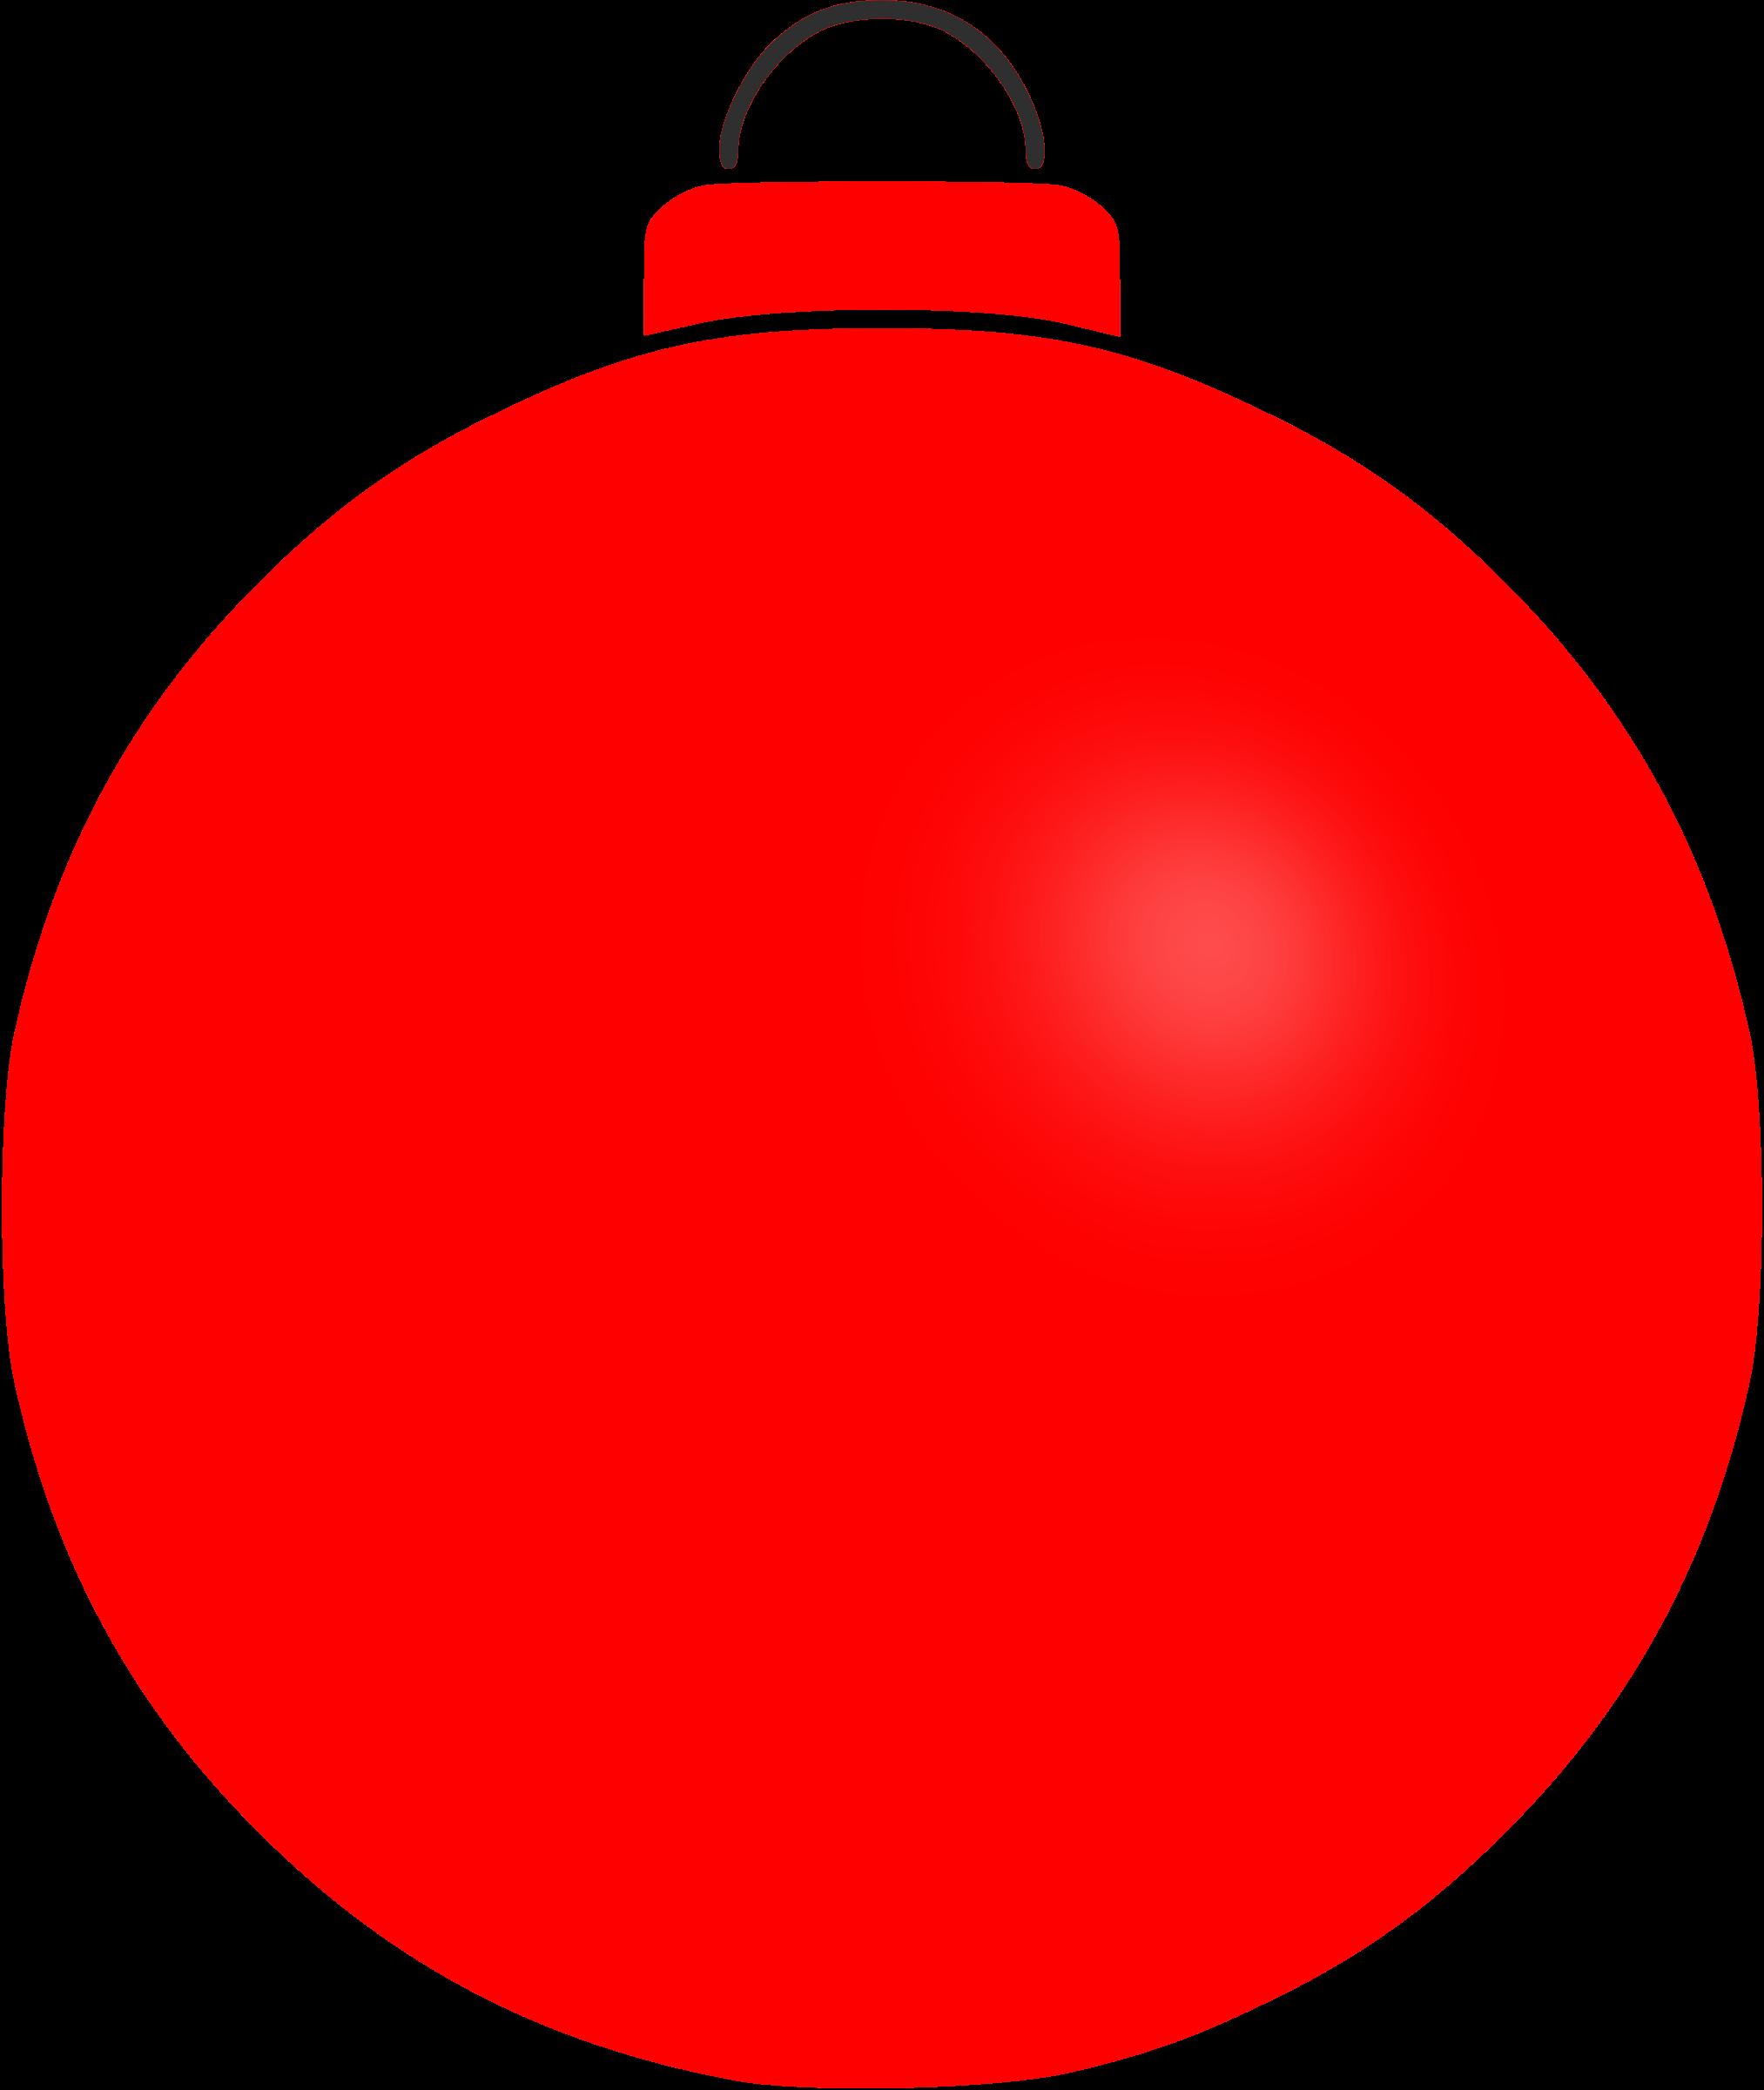 Plain big image png. Clipart christmas bauble